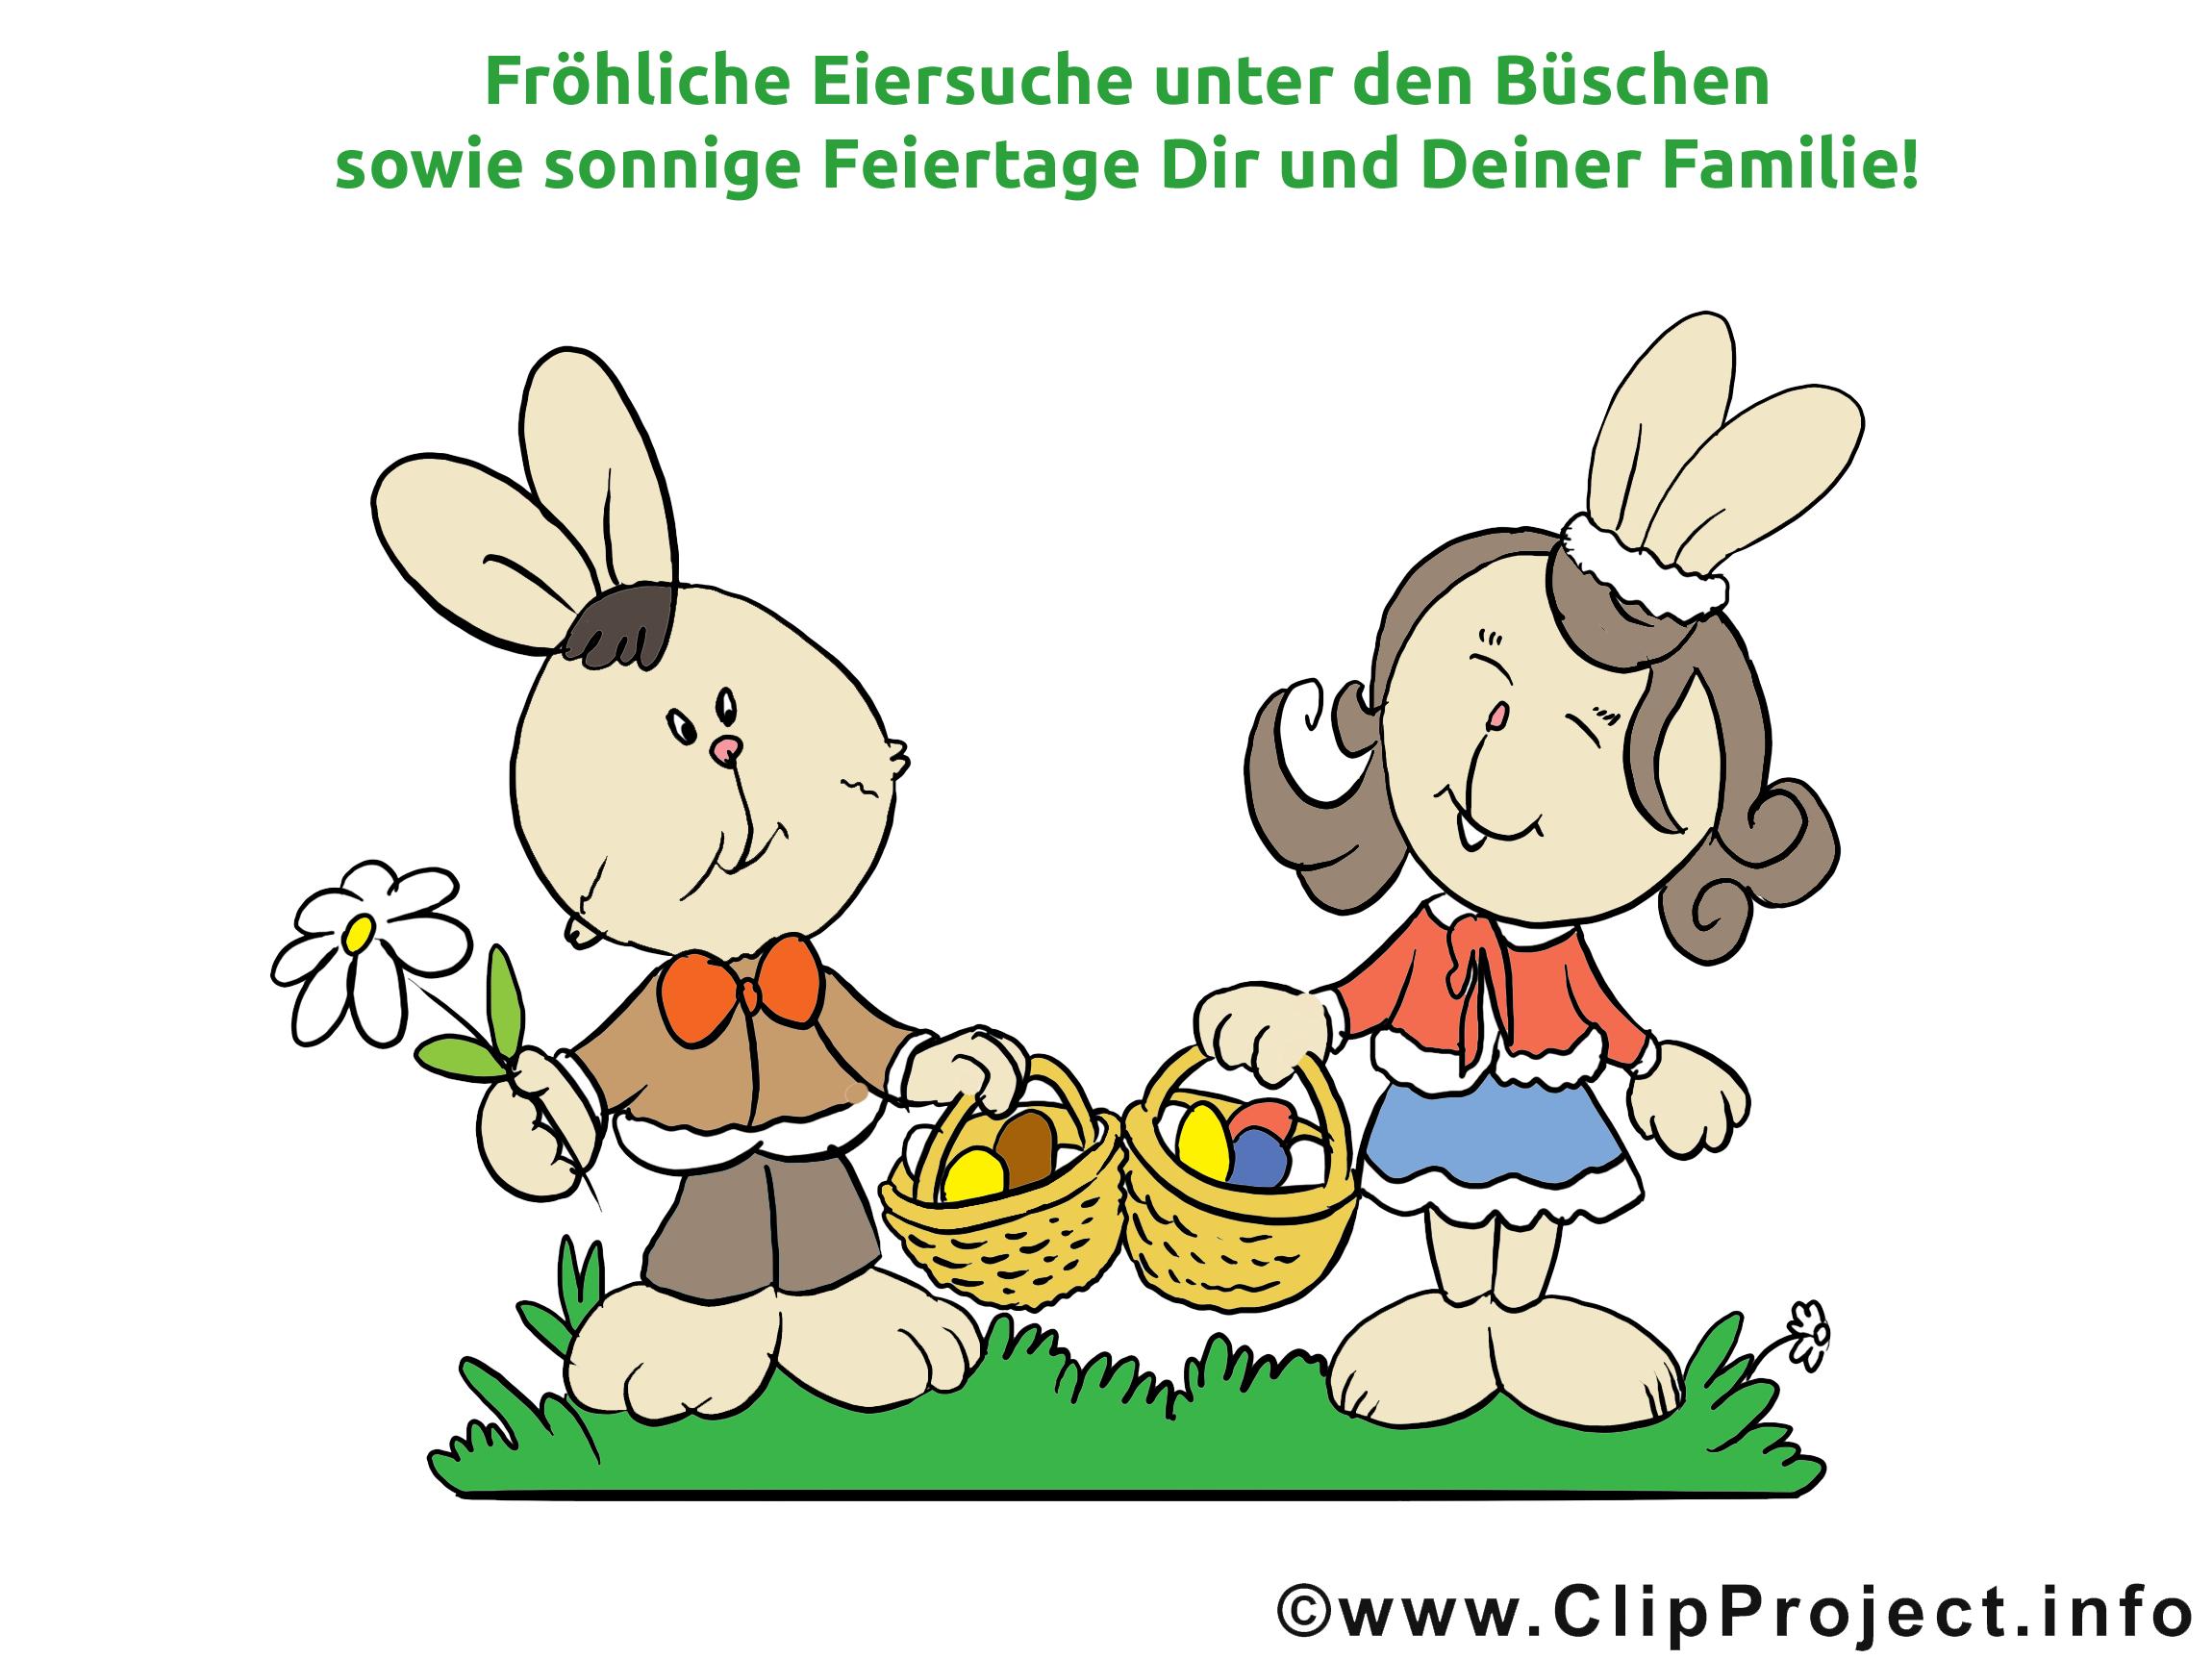 Lustige Ostern Sprüche Mit Bildern über Lustiges Zu Ostern